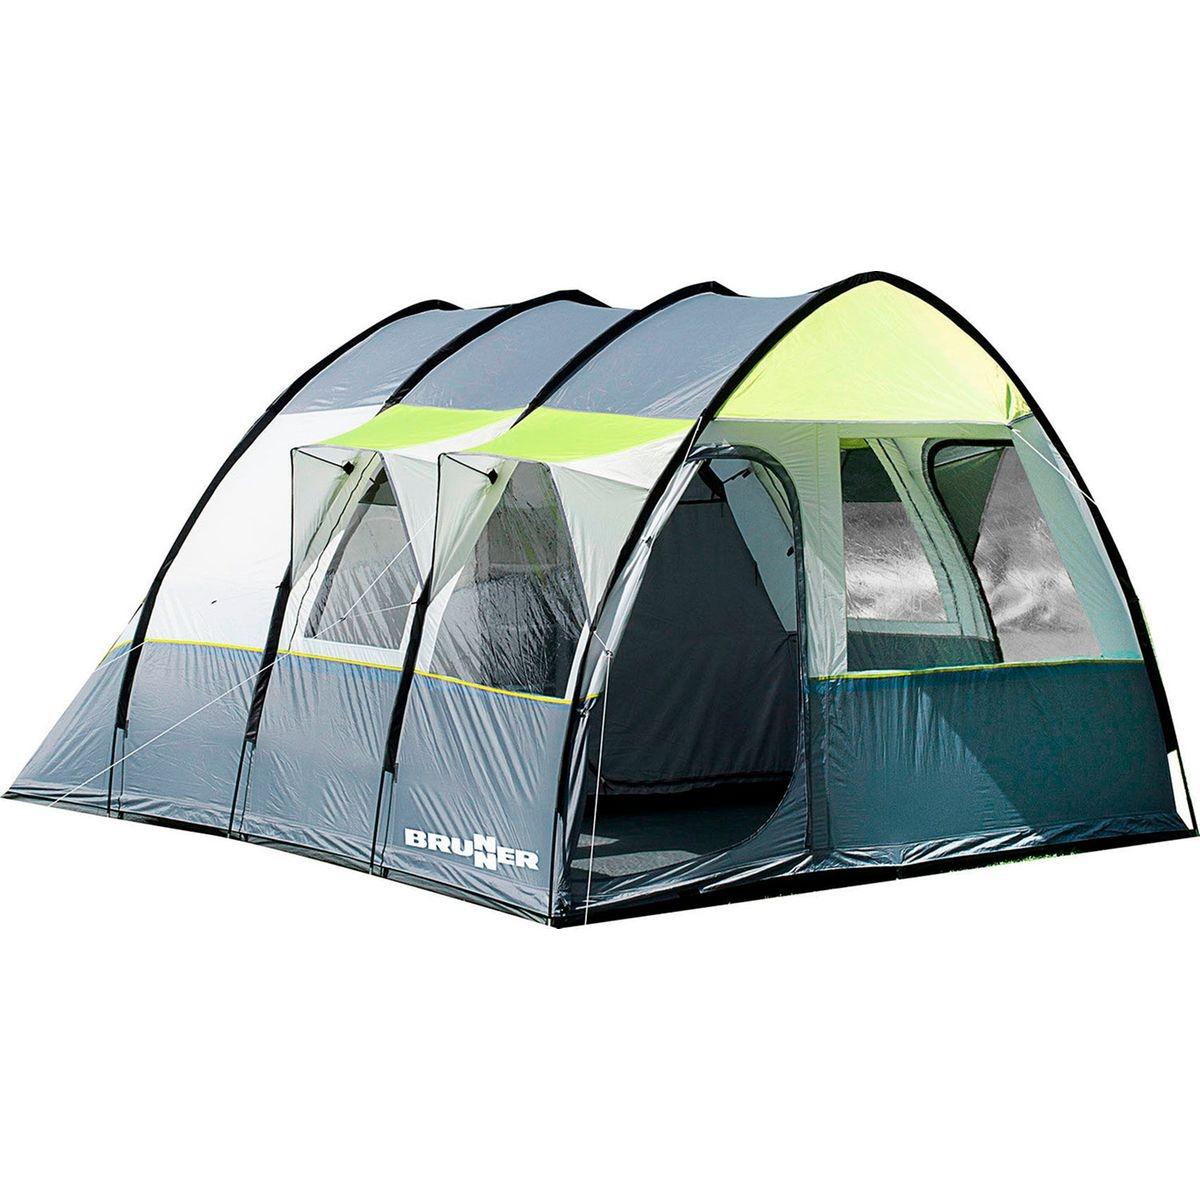 Wigwam 5 - Tente - gris/vert